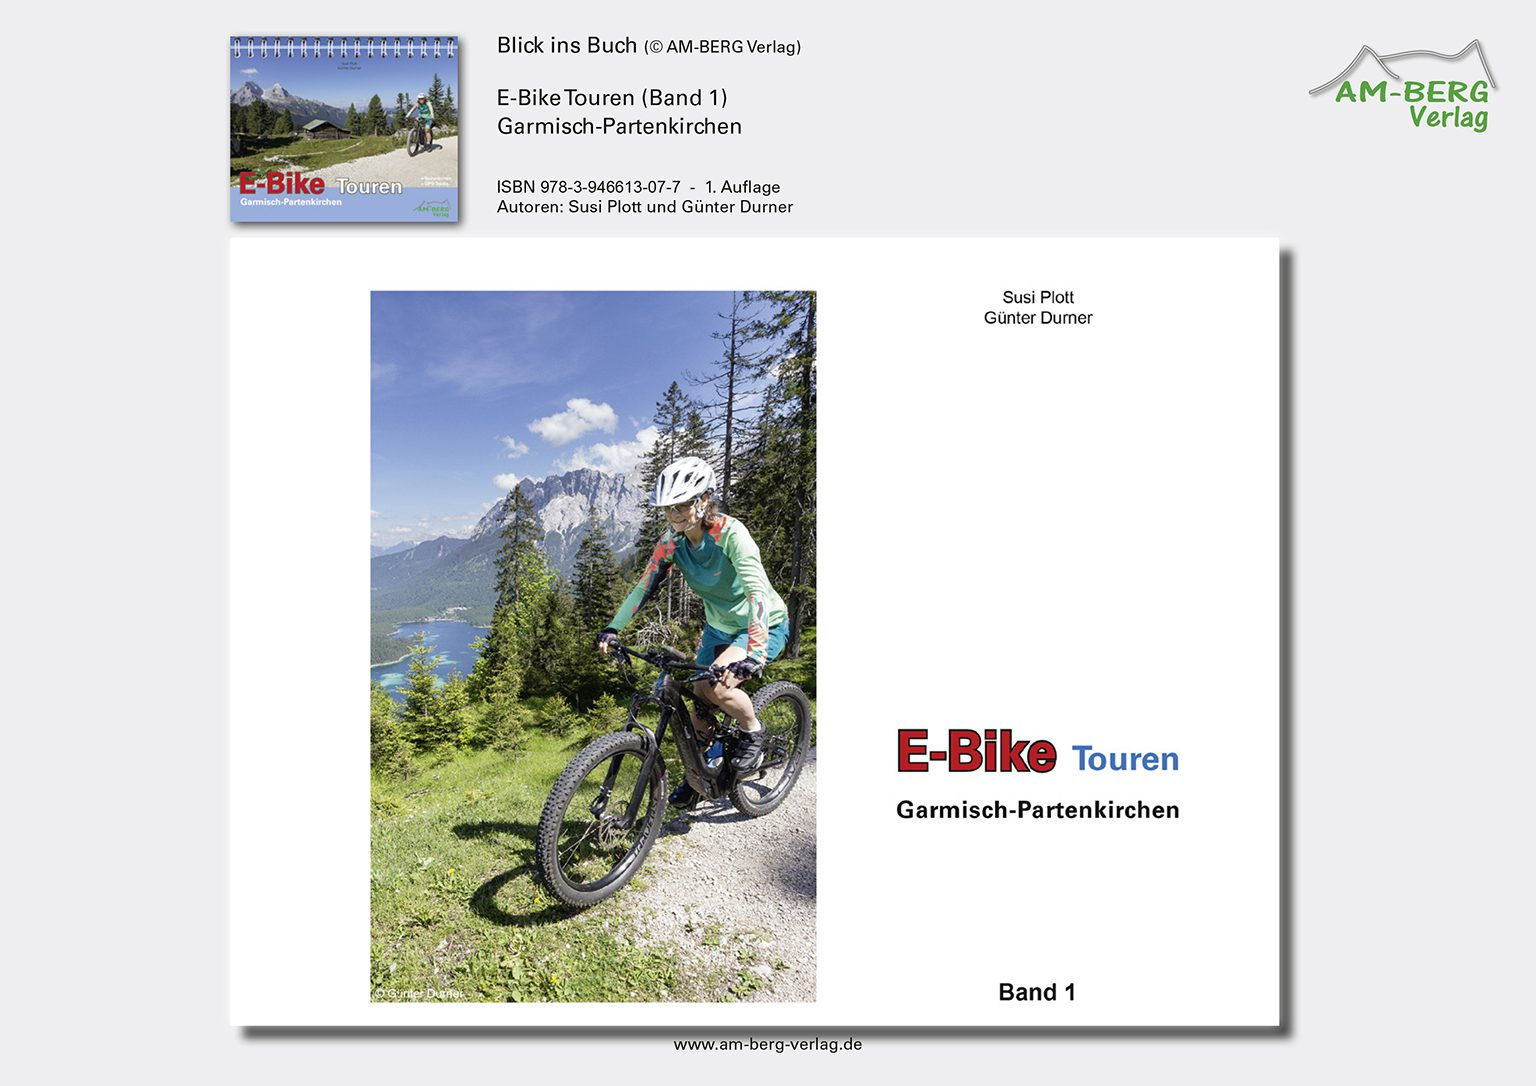 E-Bike Touren Garmisch-Partenkirchen_BlickinsBuch01